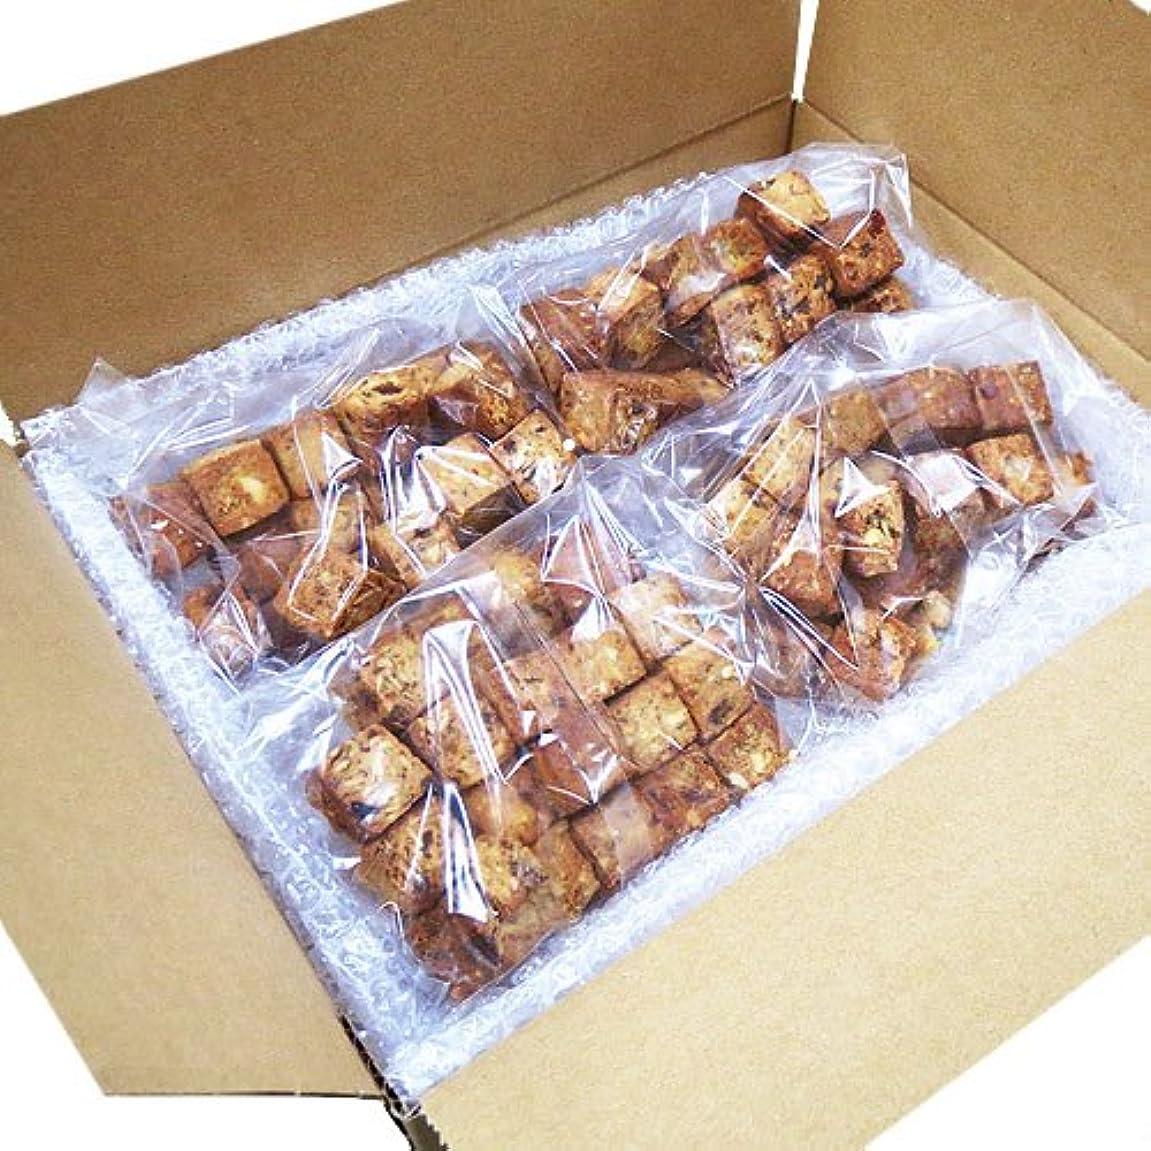 故国寂しい麻痺蒲屋忠兵衛商店  大麦と果実のソイキューブ  800g(200g×4袋)